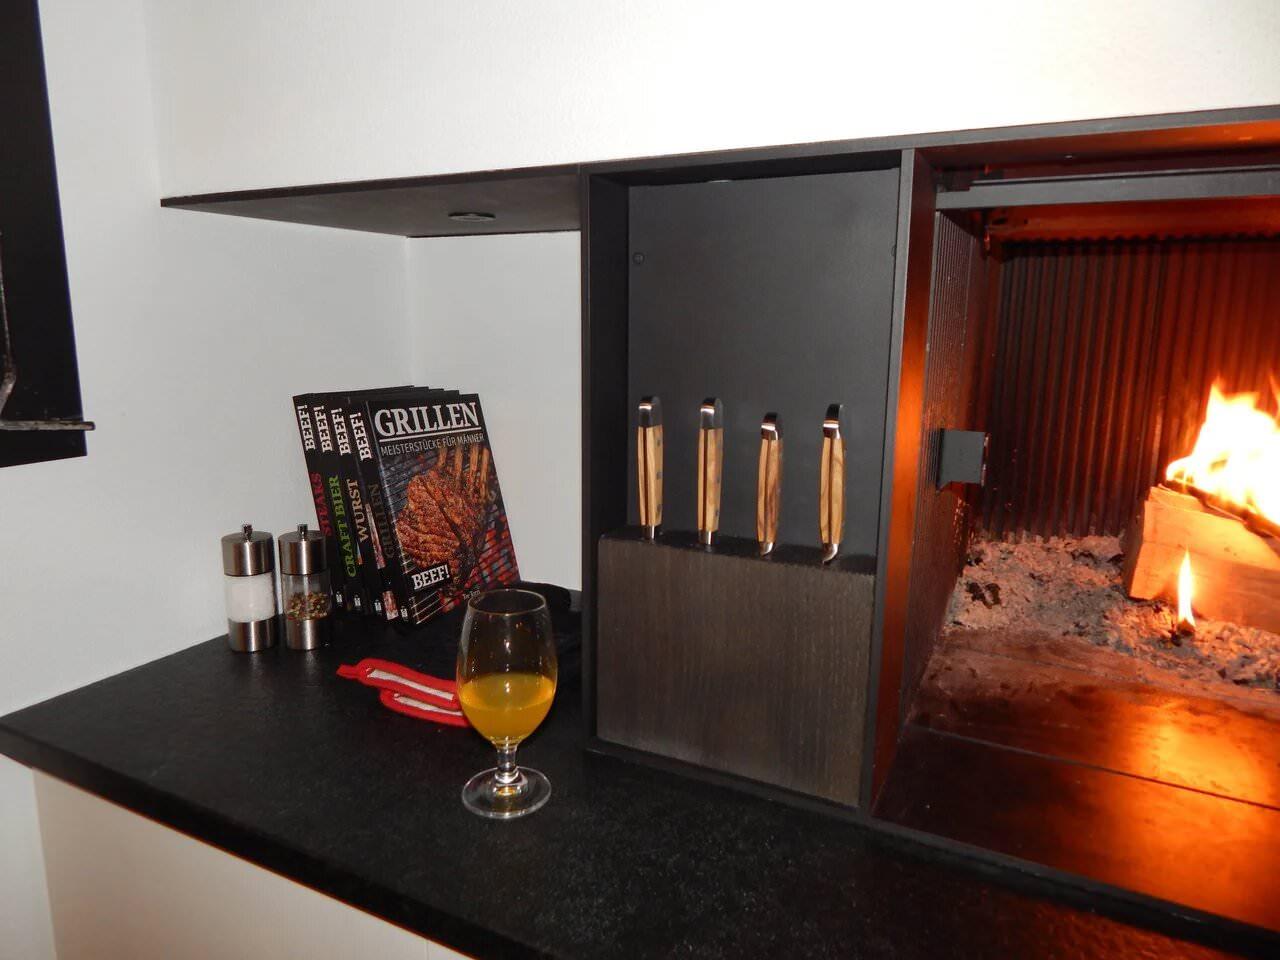 Urfeuer 50/66 Кухня  з функціоналом - Brunner